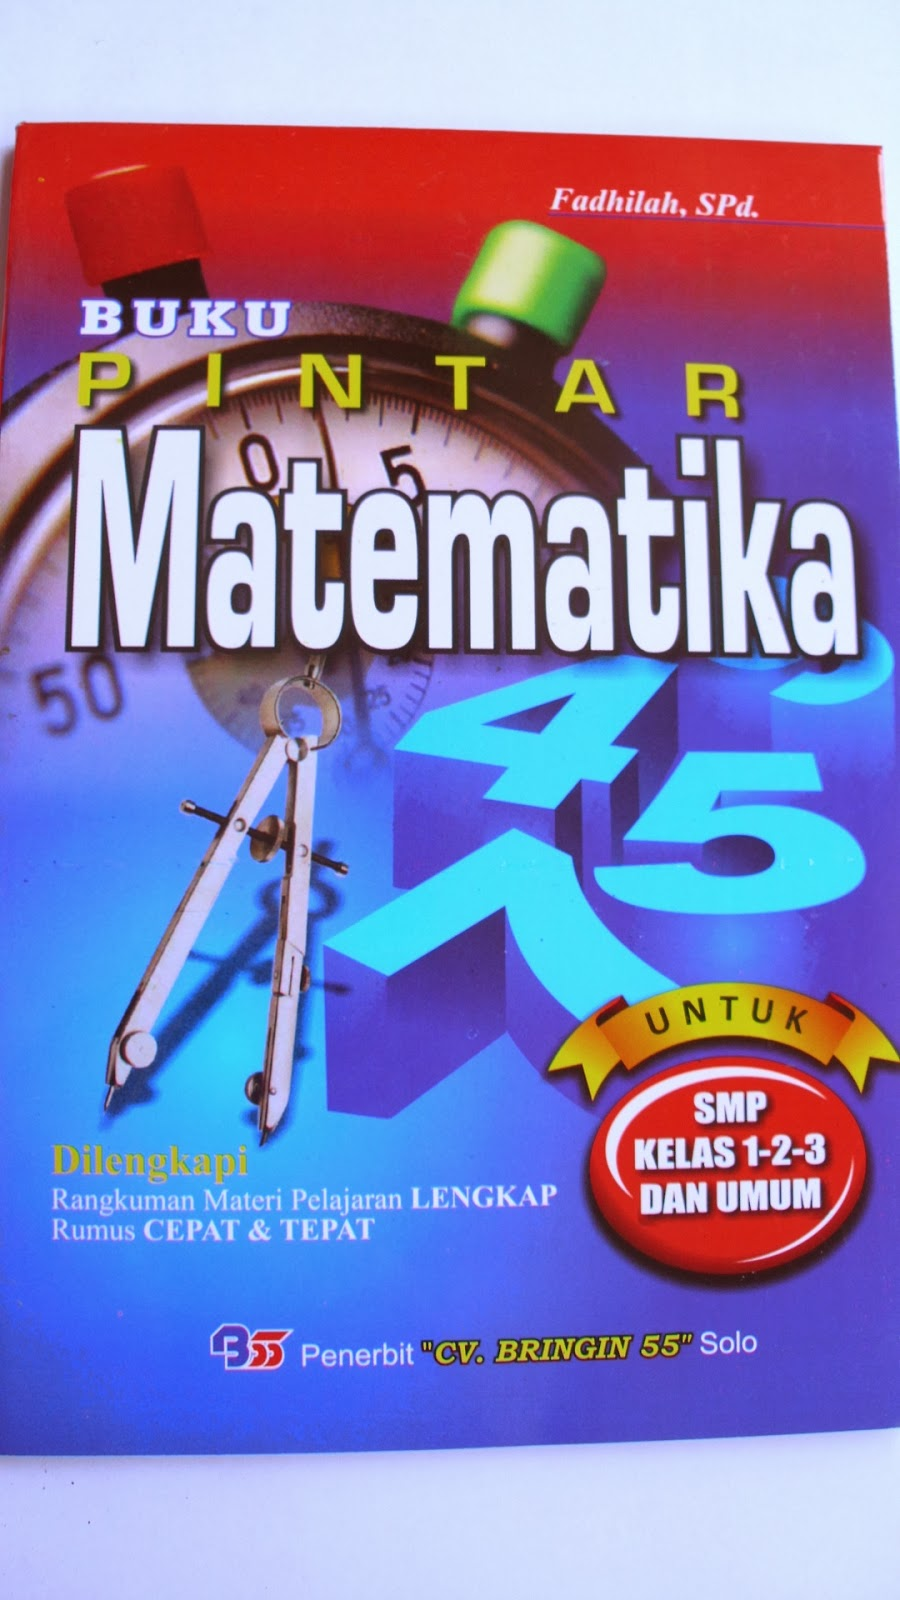 Buku Murah Grosir Cv Sufijaya Semarang Diskon Nego Buku Pintar Matematika